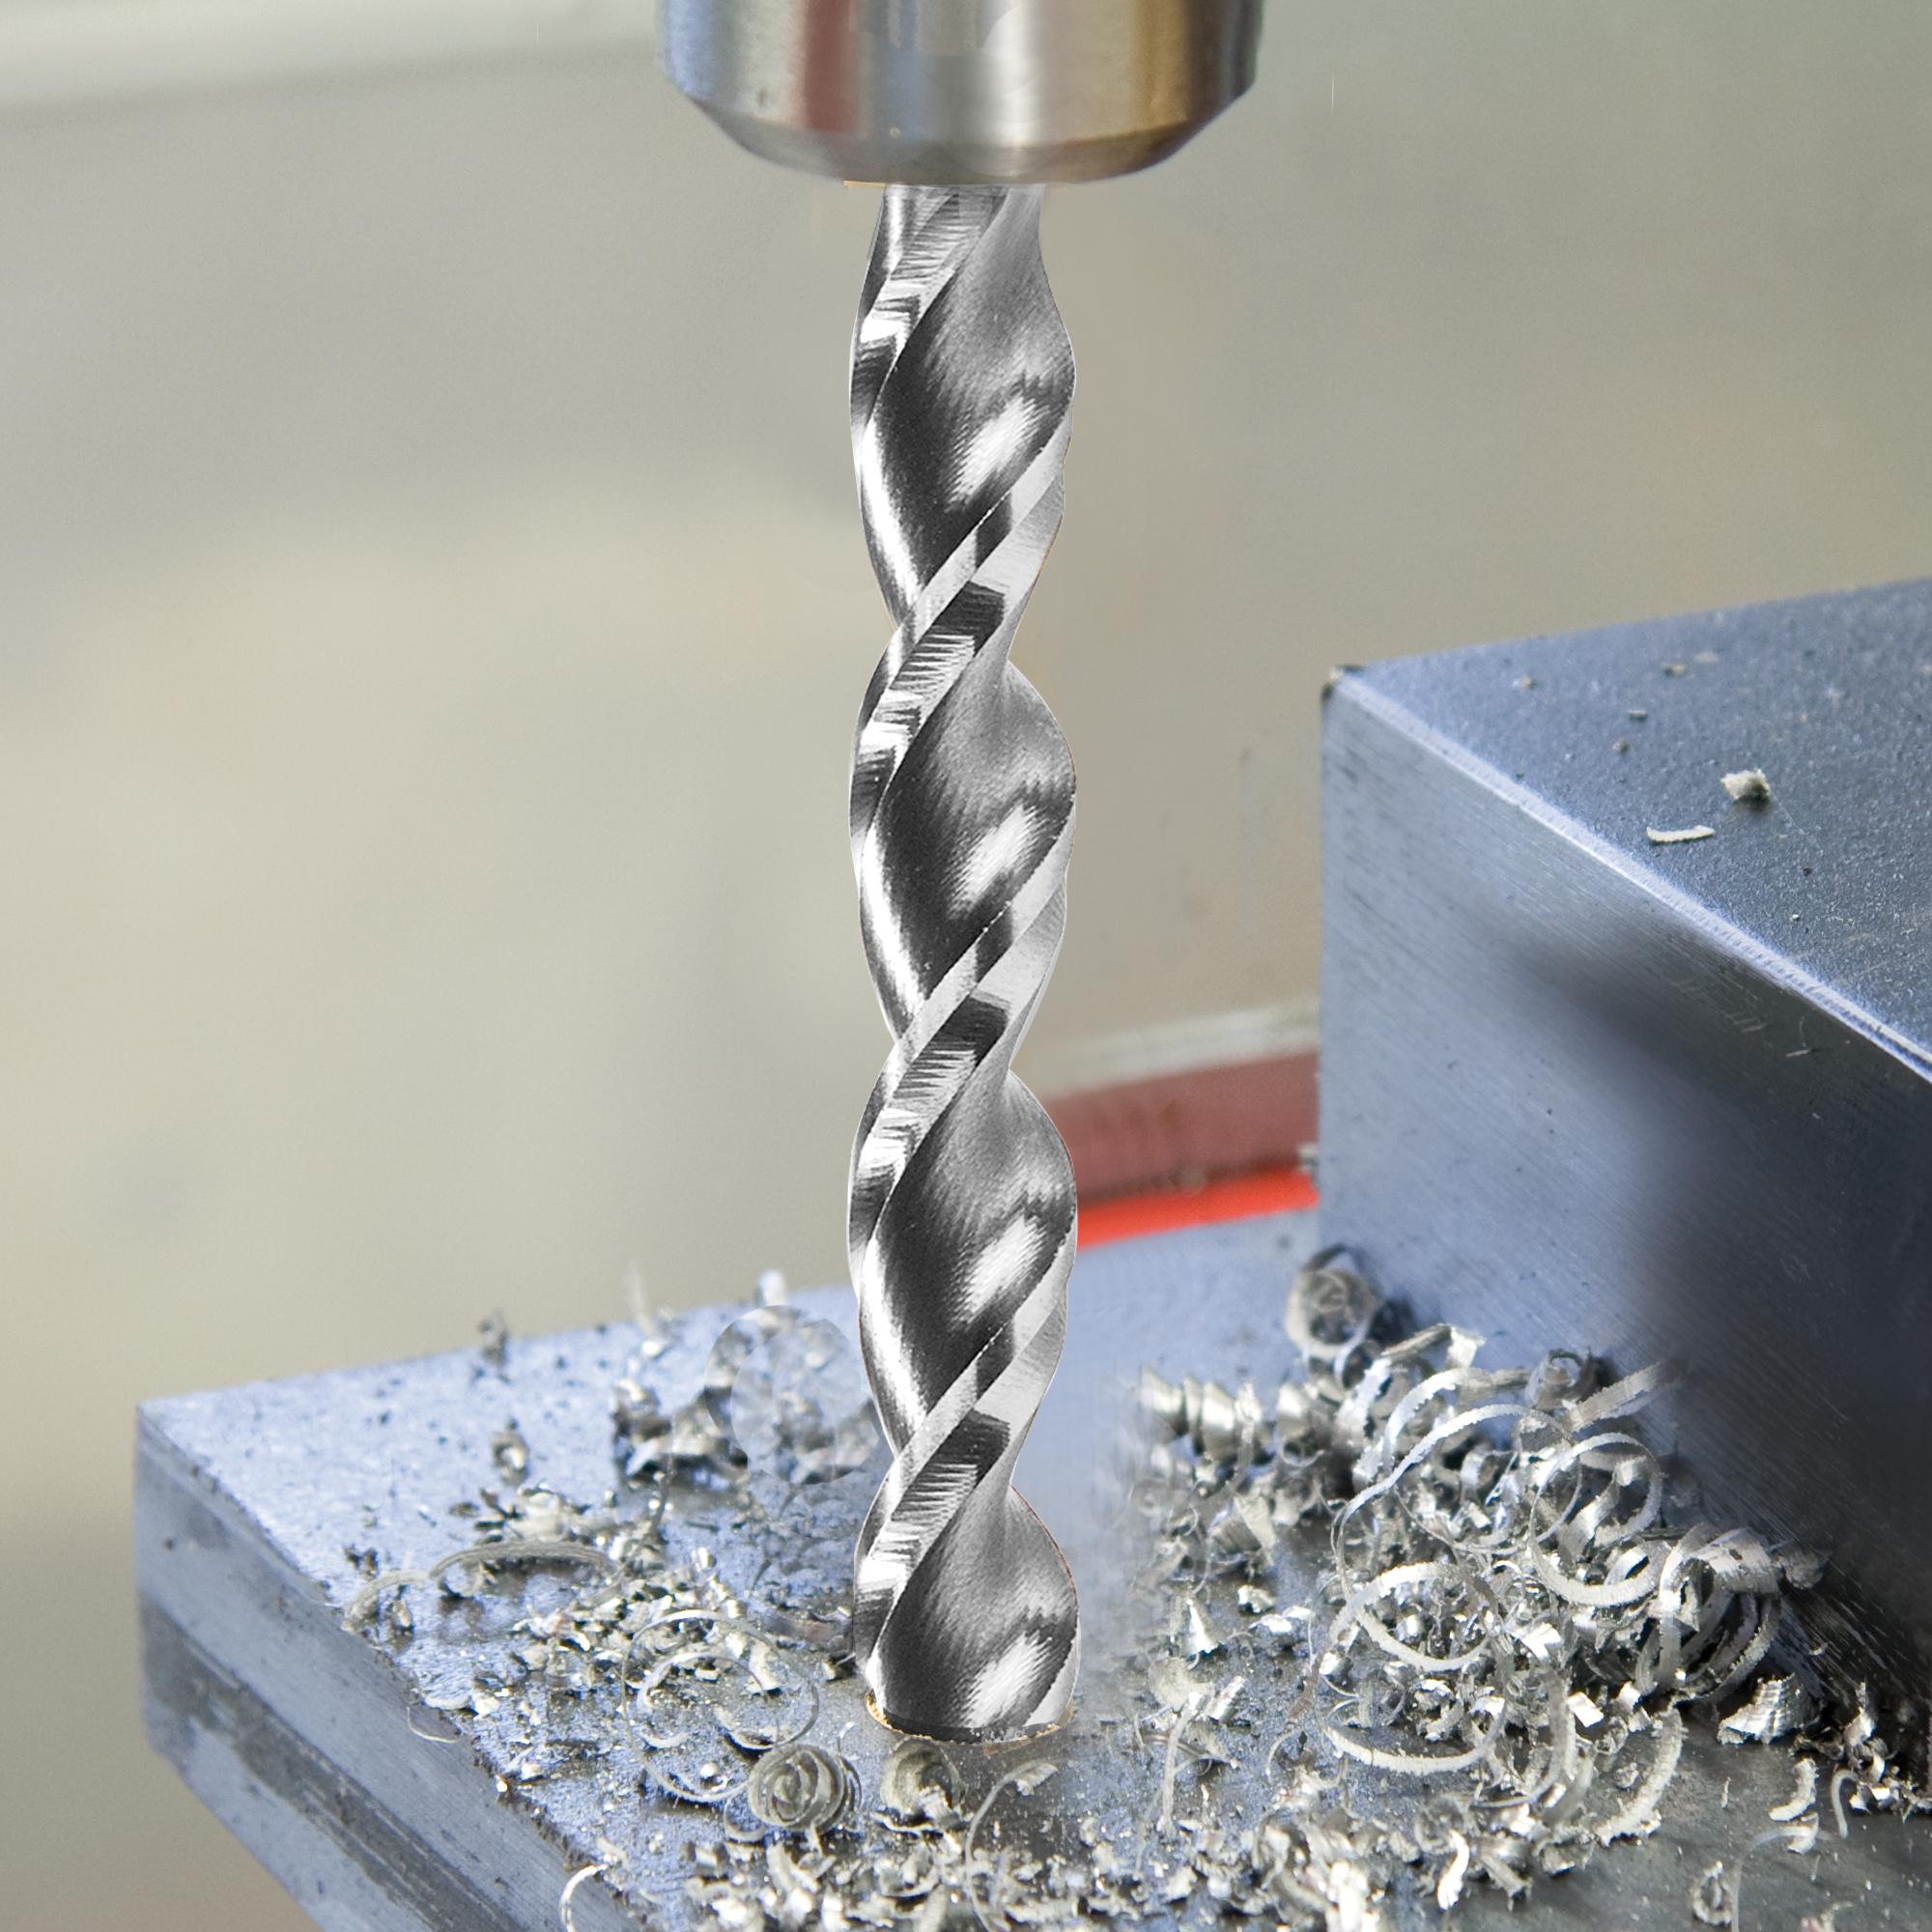 RUKO Twist drill DIN 338 TL 3000 HSS 258074